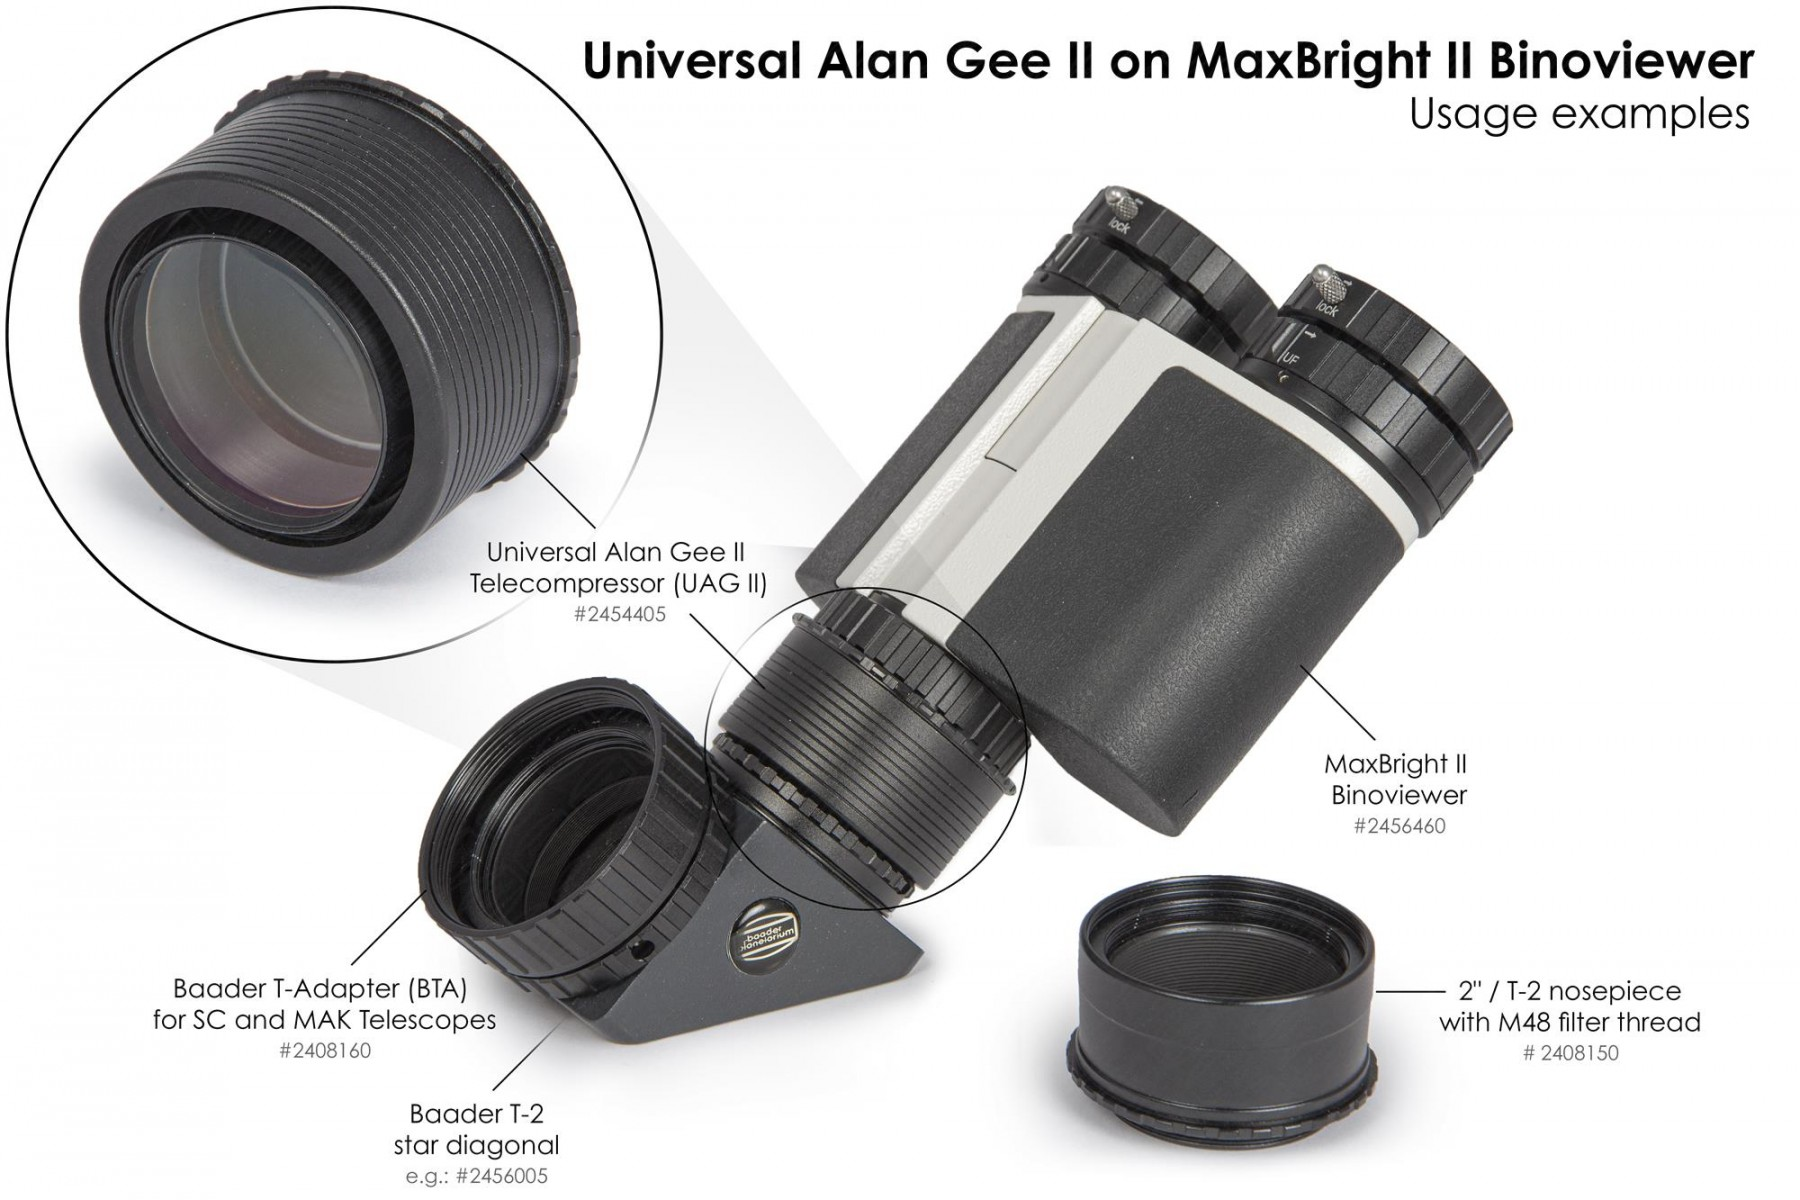 """Anwendungsbild: Universal Alan Gee II #2454405 - Maxbright #2456460 SetUp 8 mit 2""""/T-2 Steckanschluss mit M48 Filtergewinde #2408150, T-2 Zenitspiegel #2456005 und BTA für SC und MAK Teleskope #2408160"""